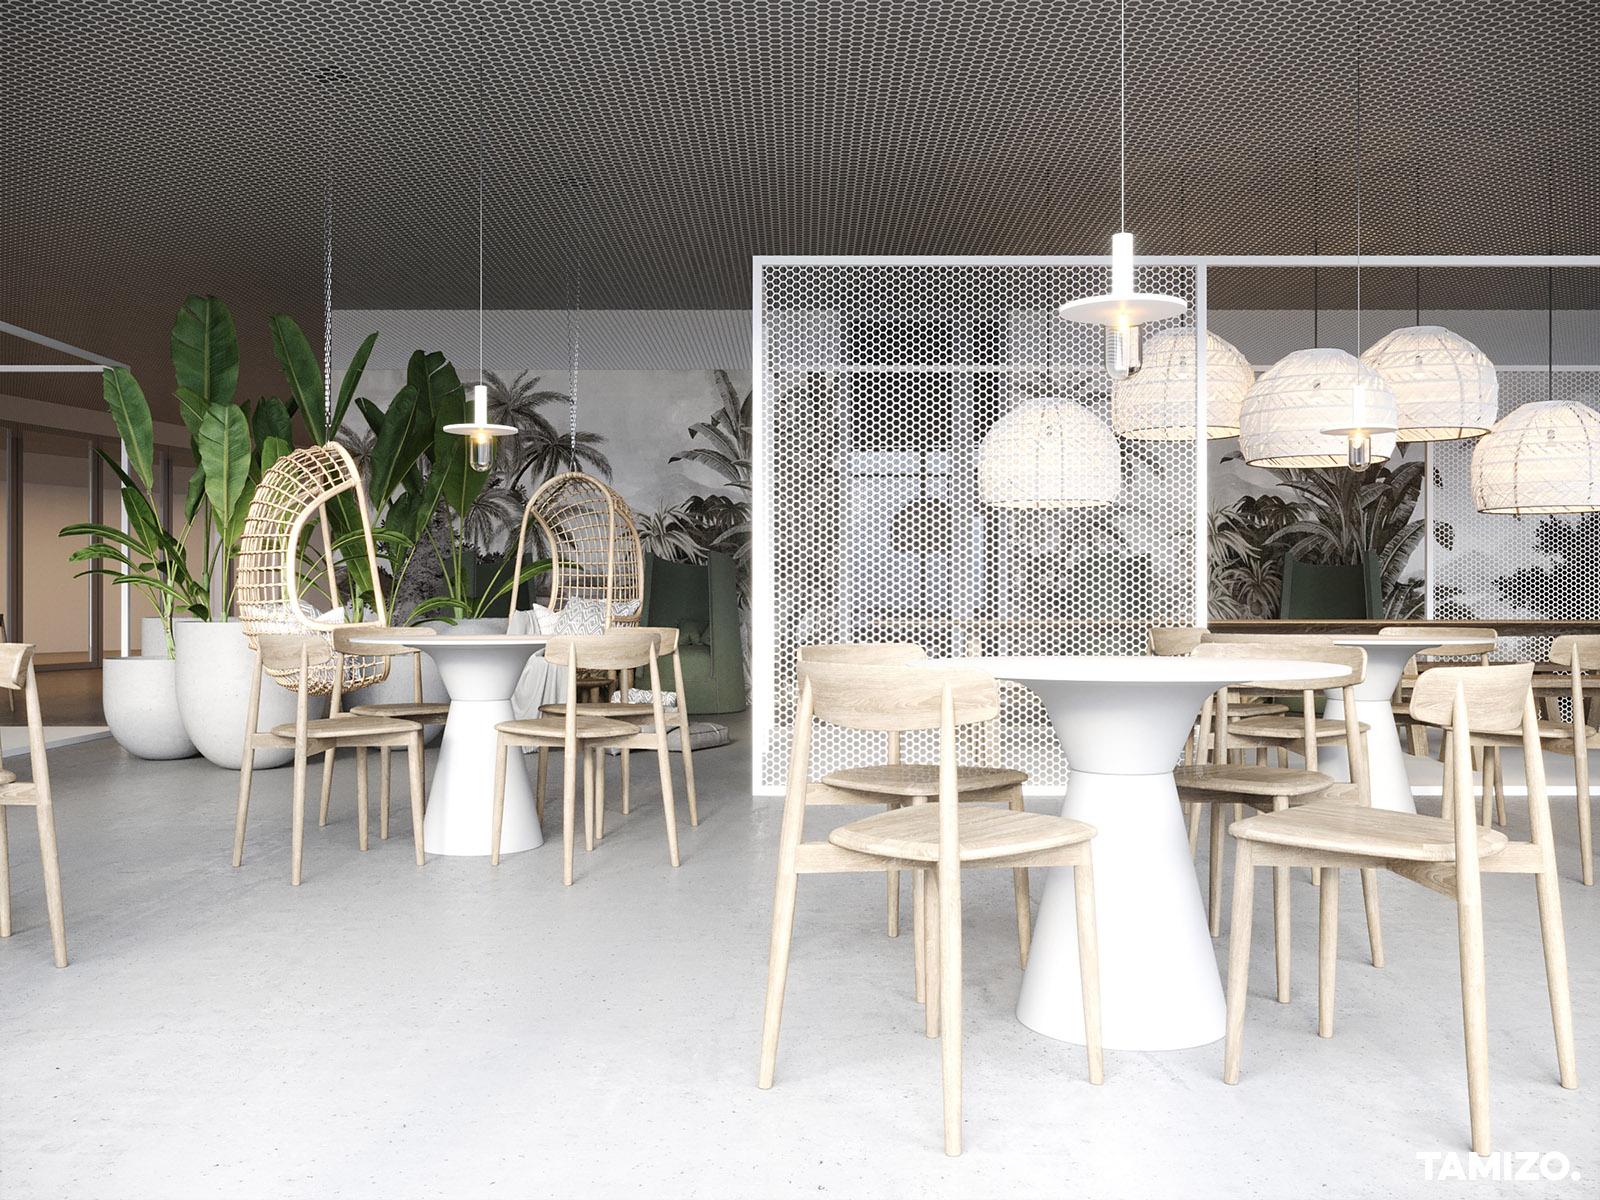 I092_tamizo_architects_projekt-wnetrz-restauracja-kantyna-mbank-mcafe-knajpa-bar-coffe-cafe-05